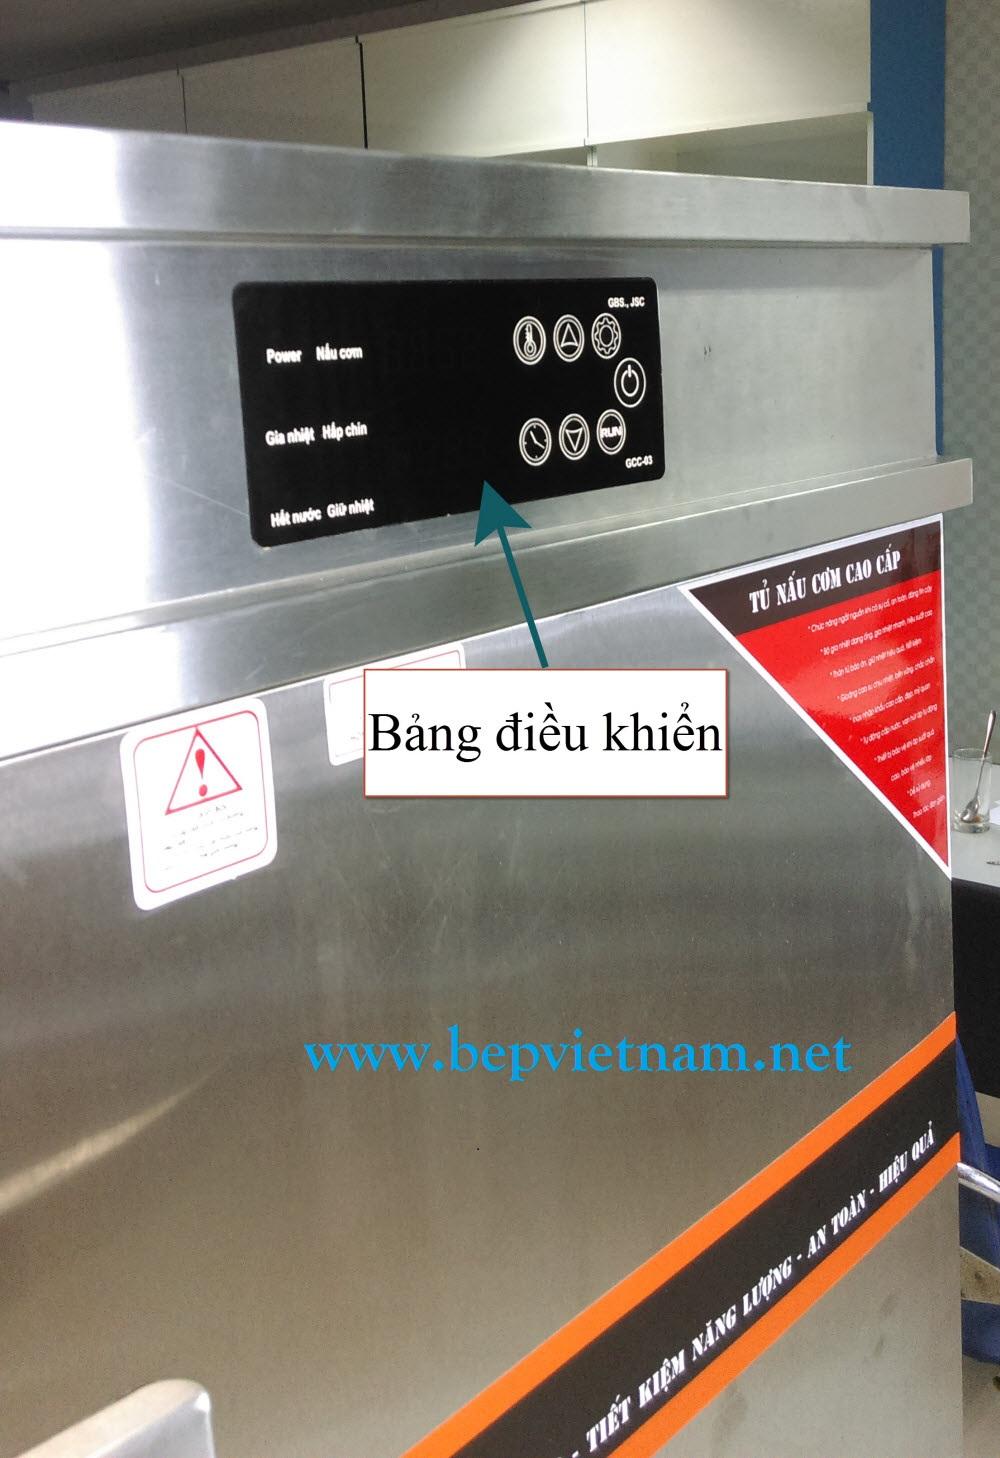 tu nau com dien 12 khay co bang dieu khien (4)